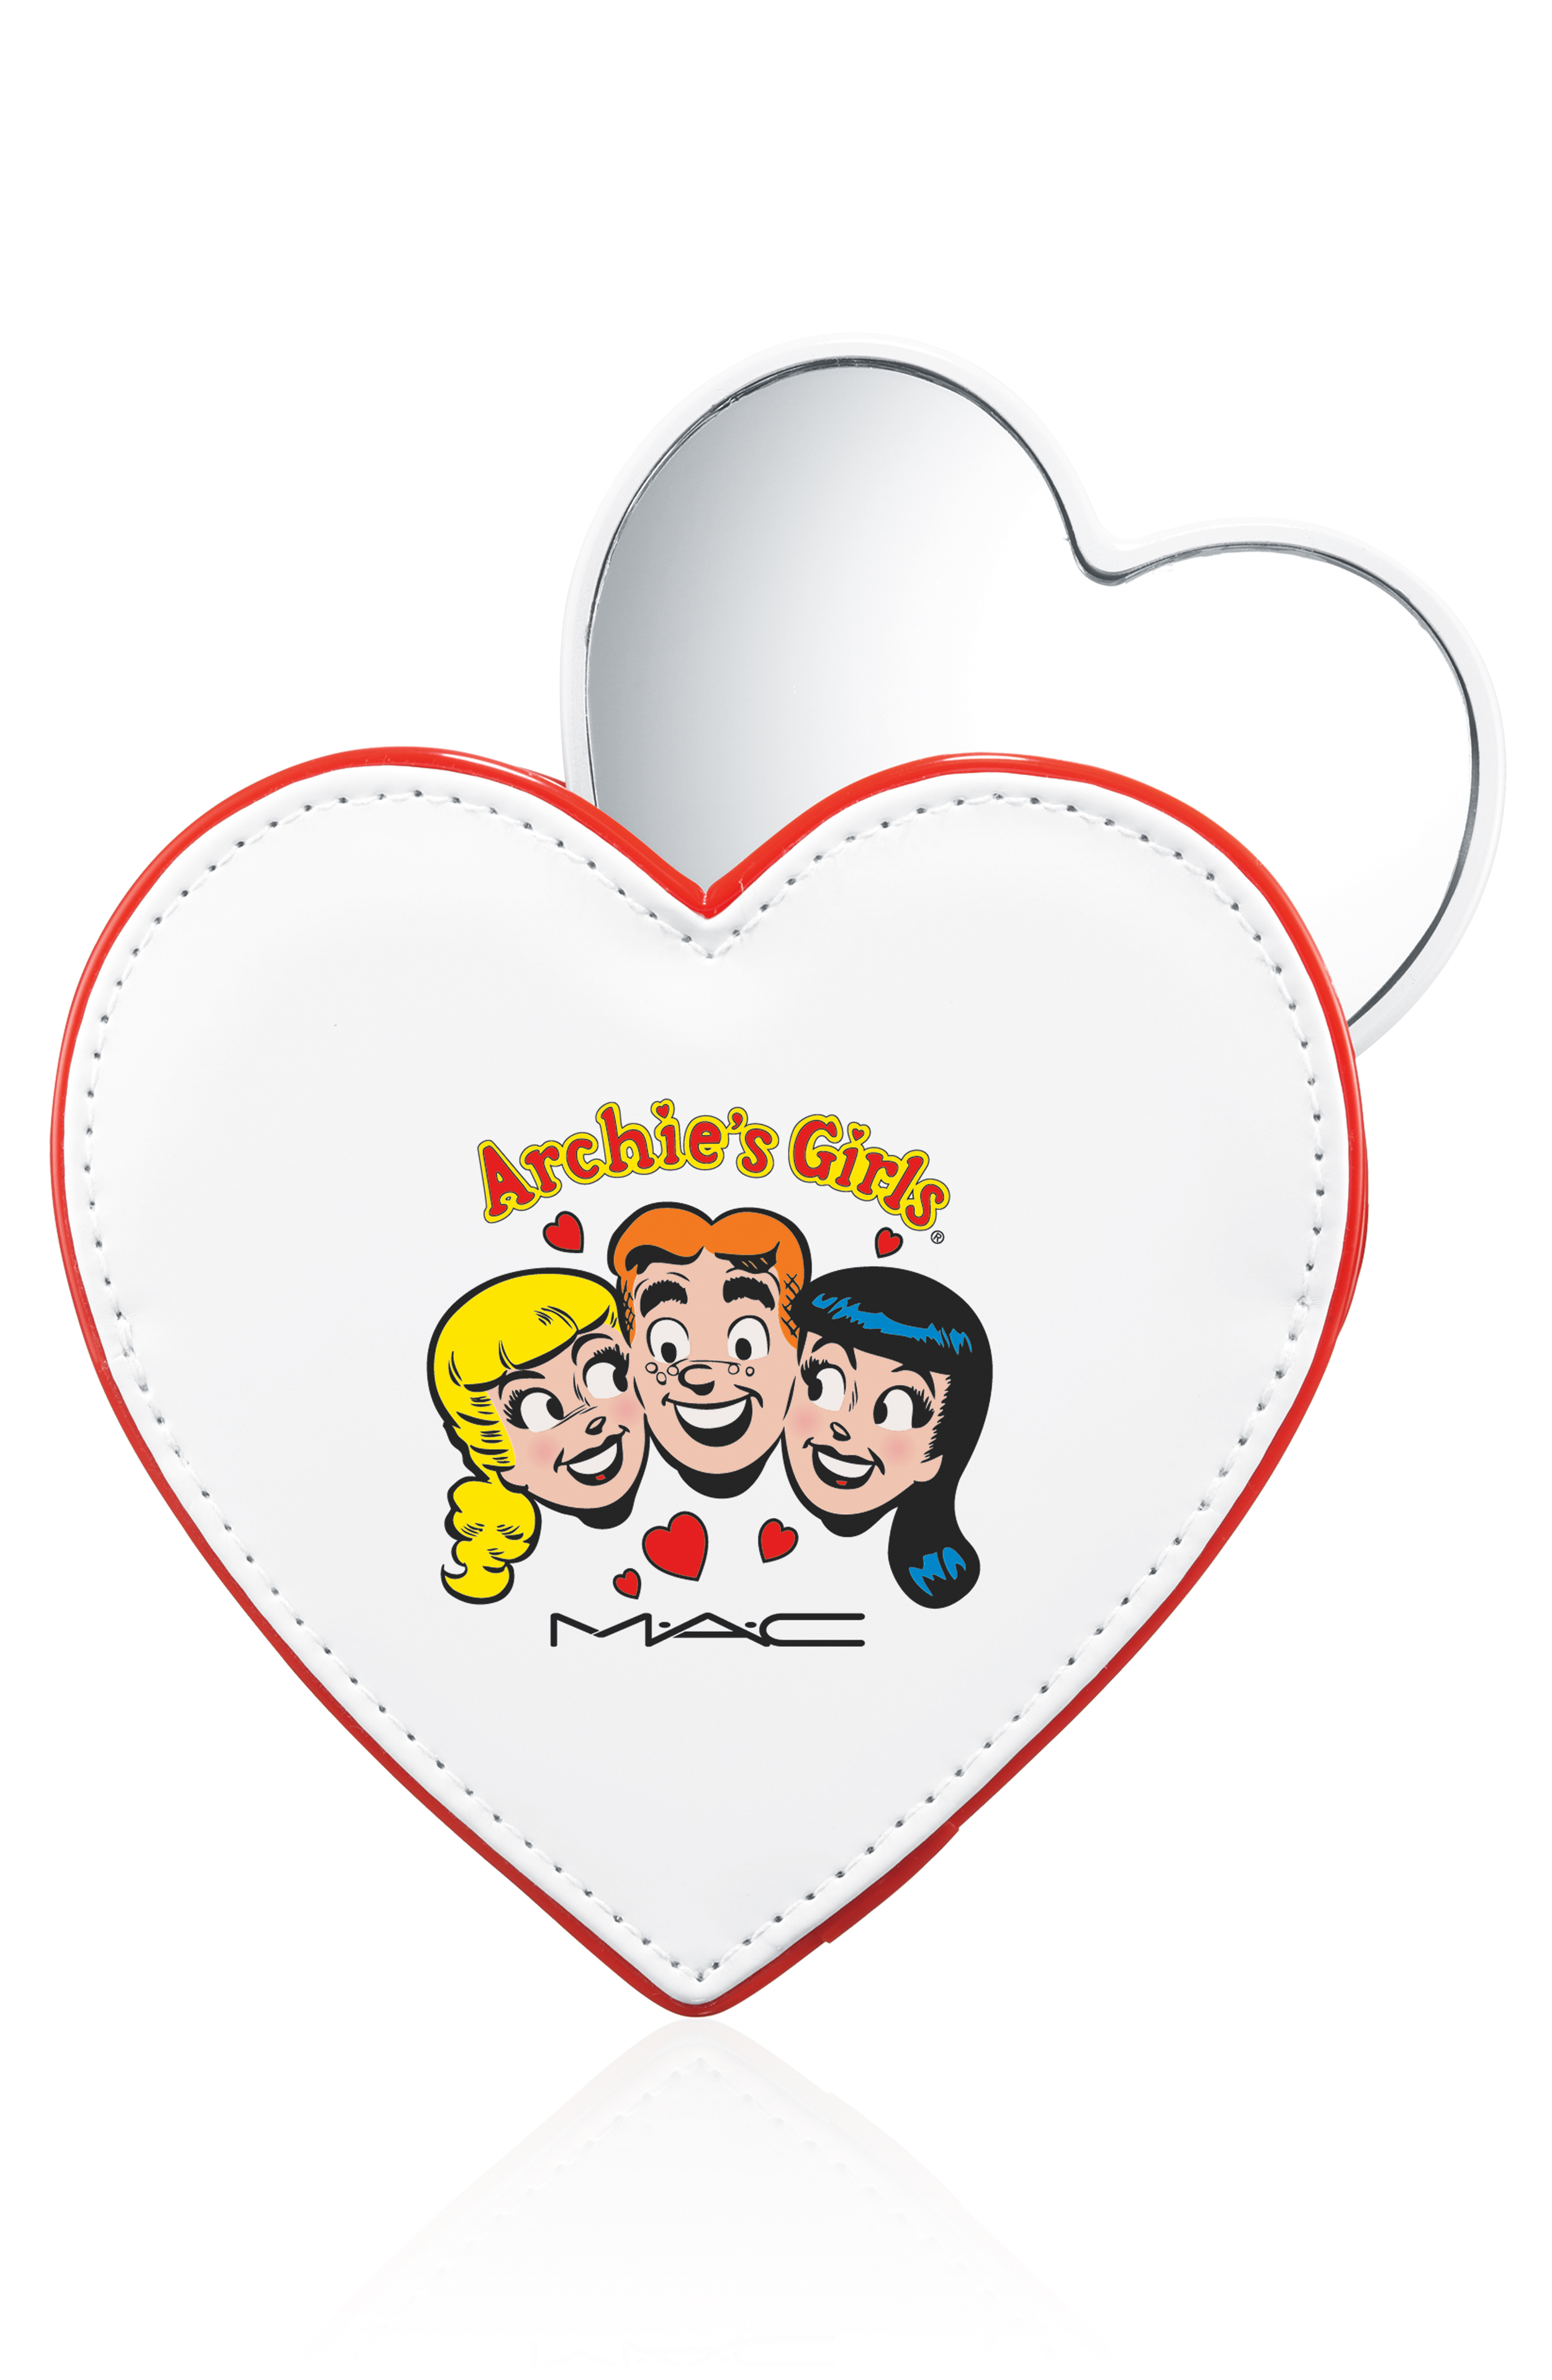 Archie'sGirls-Accessories-YoungHeartsMirror-300